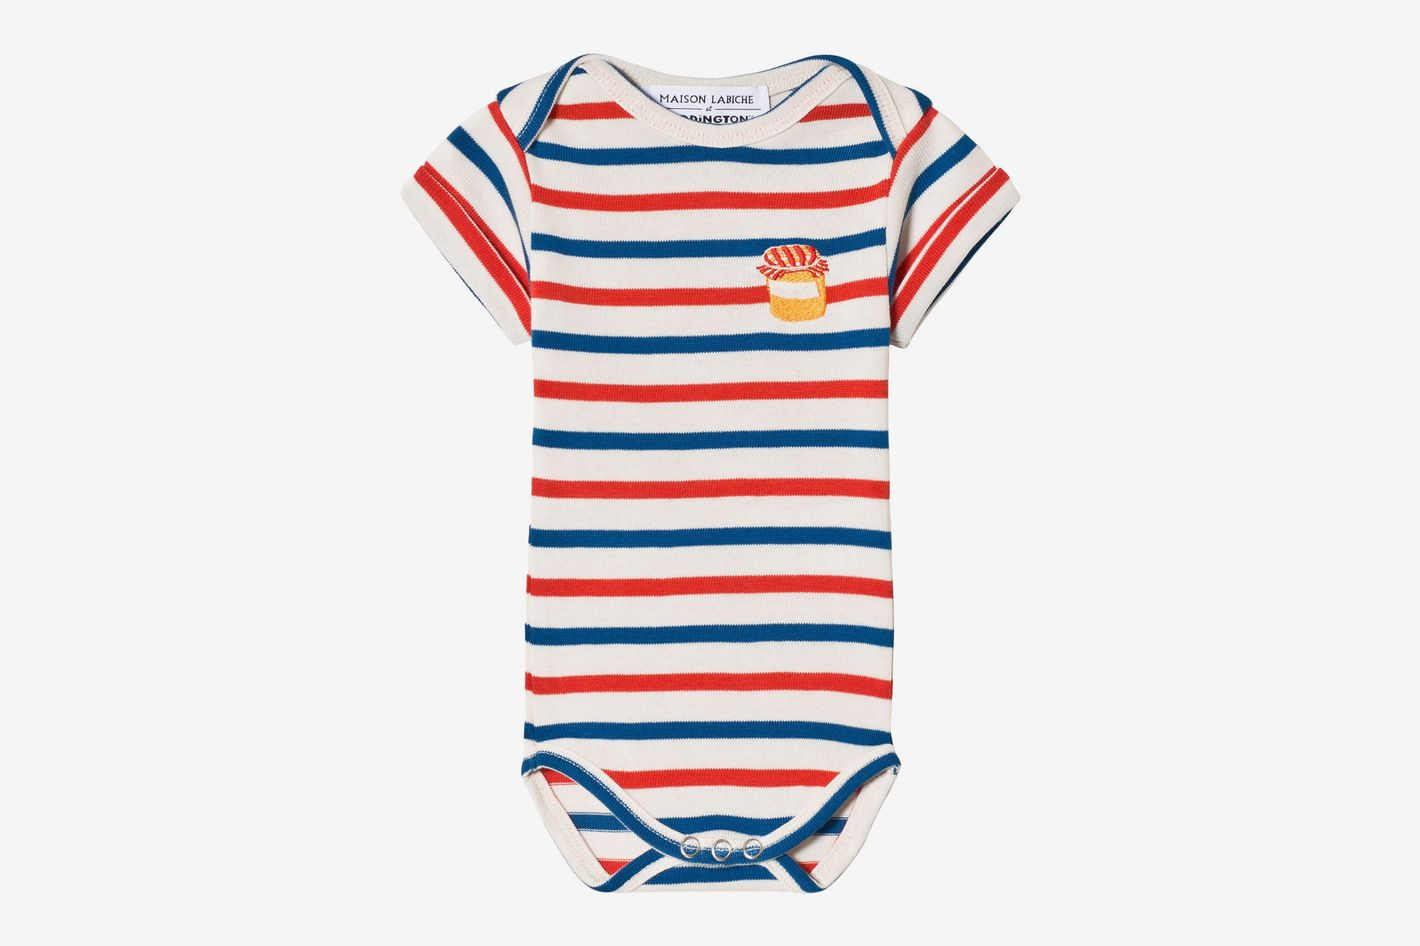 Maison Labiche White, Blue and Red Paddington Striped Body